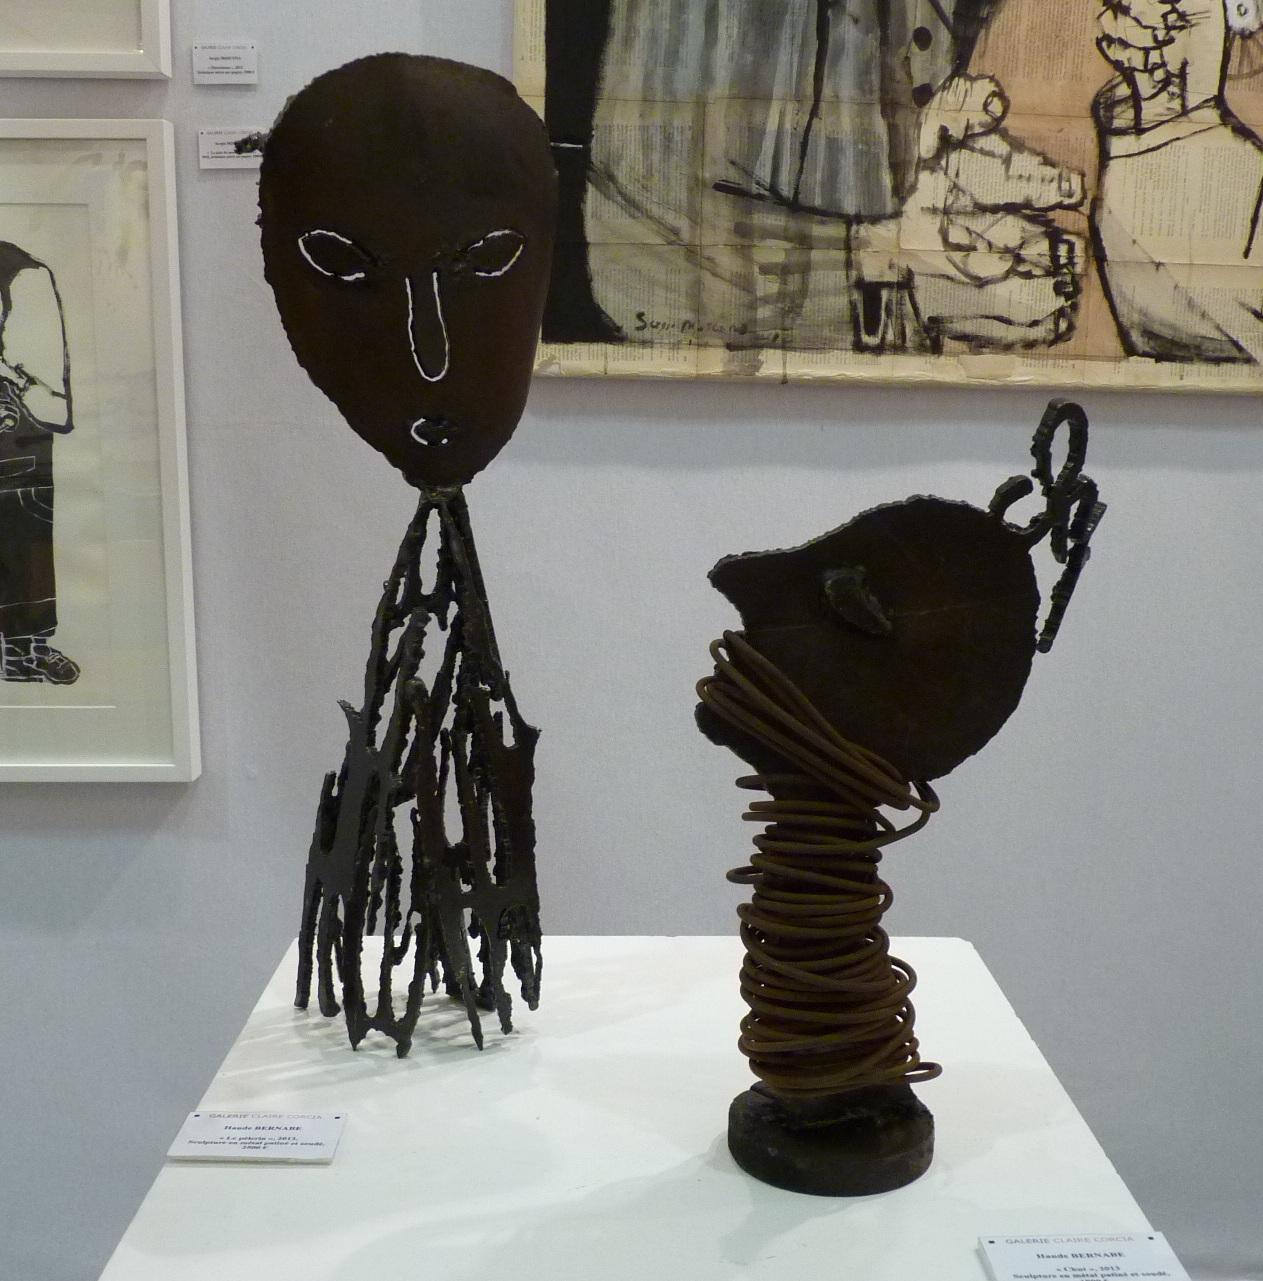 De gauche à droite: Le pèlerin et Chut, sculptures en métal patiné et soudé@(galerie Claire Corcia)